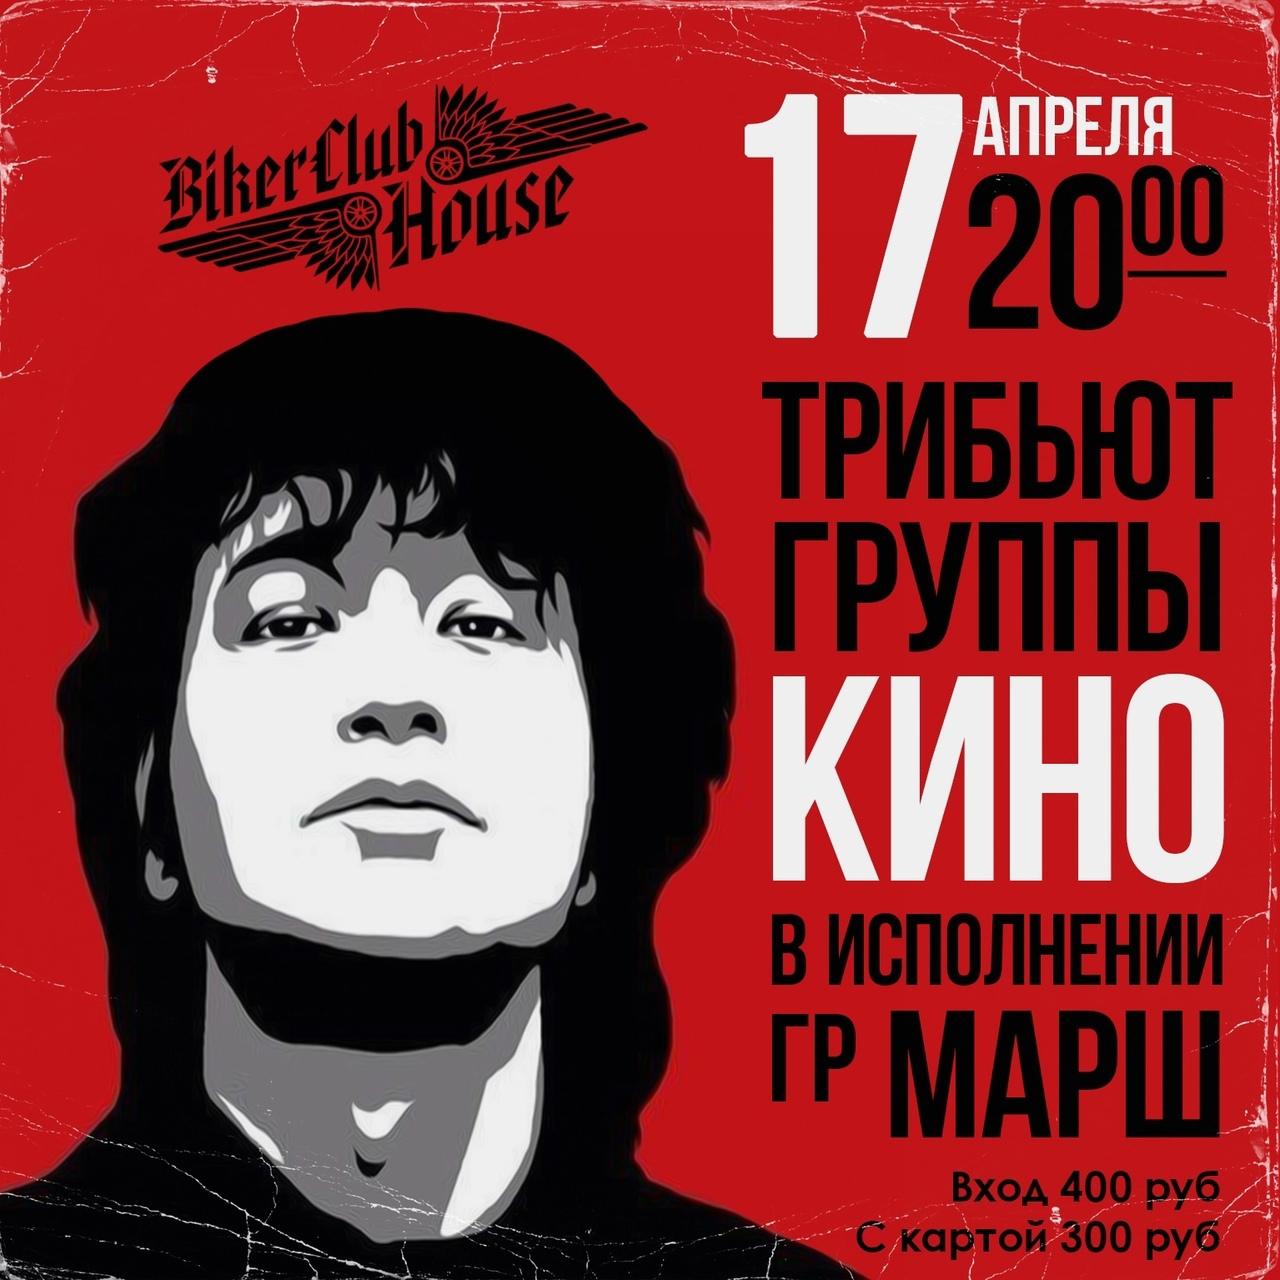 Афиша Ульяновск Трибьют группы КИНО 17/04 в Biker Club House